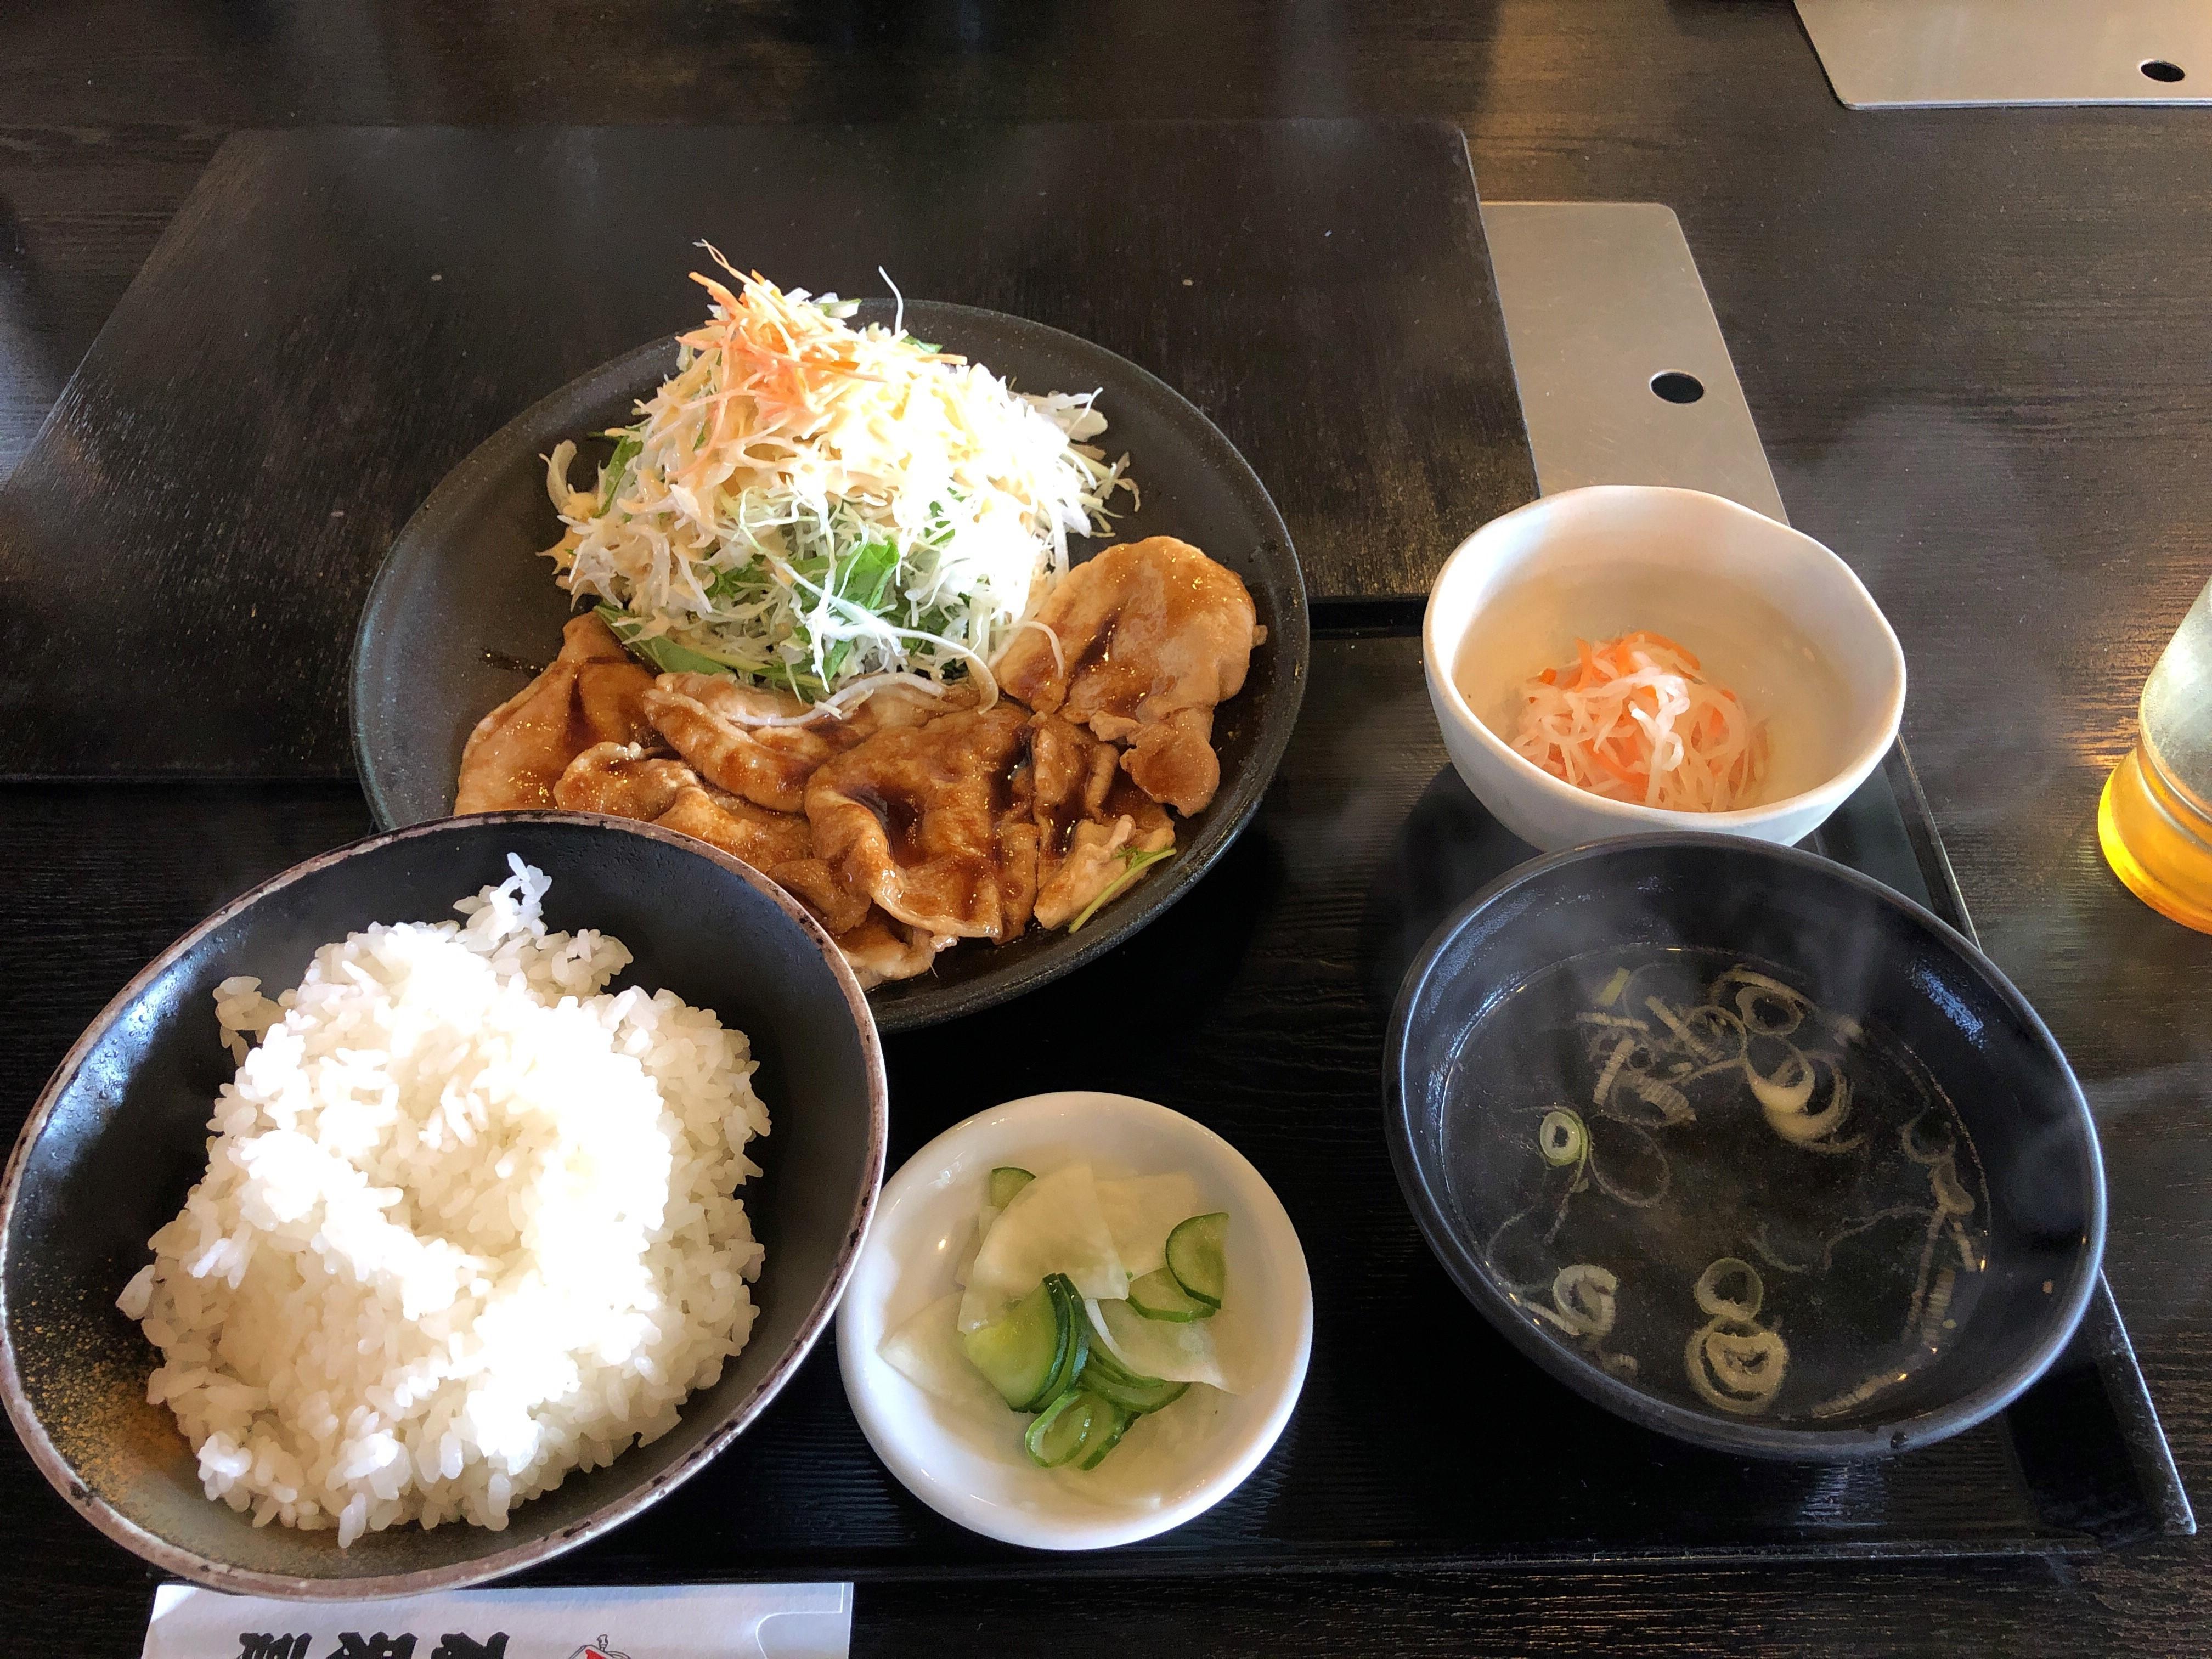 宇都宮大学陽東キャンパスすぐ近く焼き肉友雅亭に初訪店、ふっくら柔らかい生姜焼き定食に舌鼓